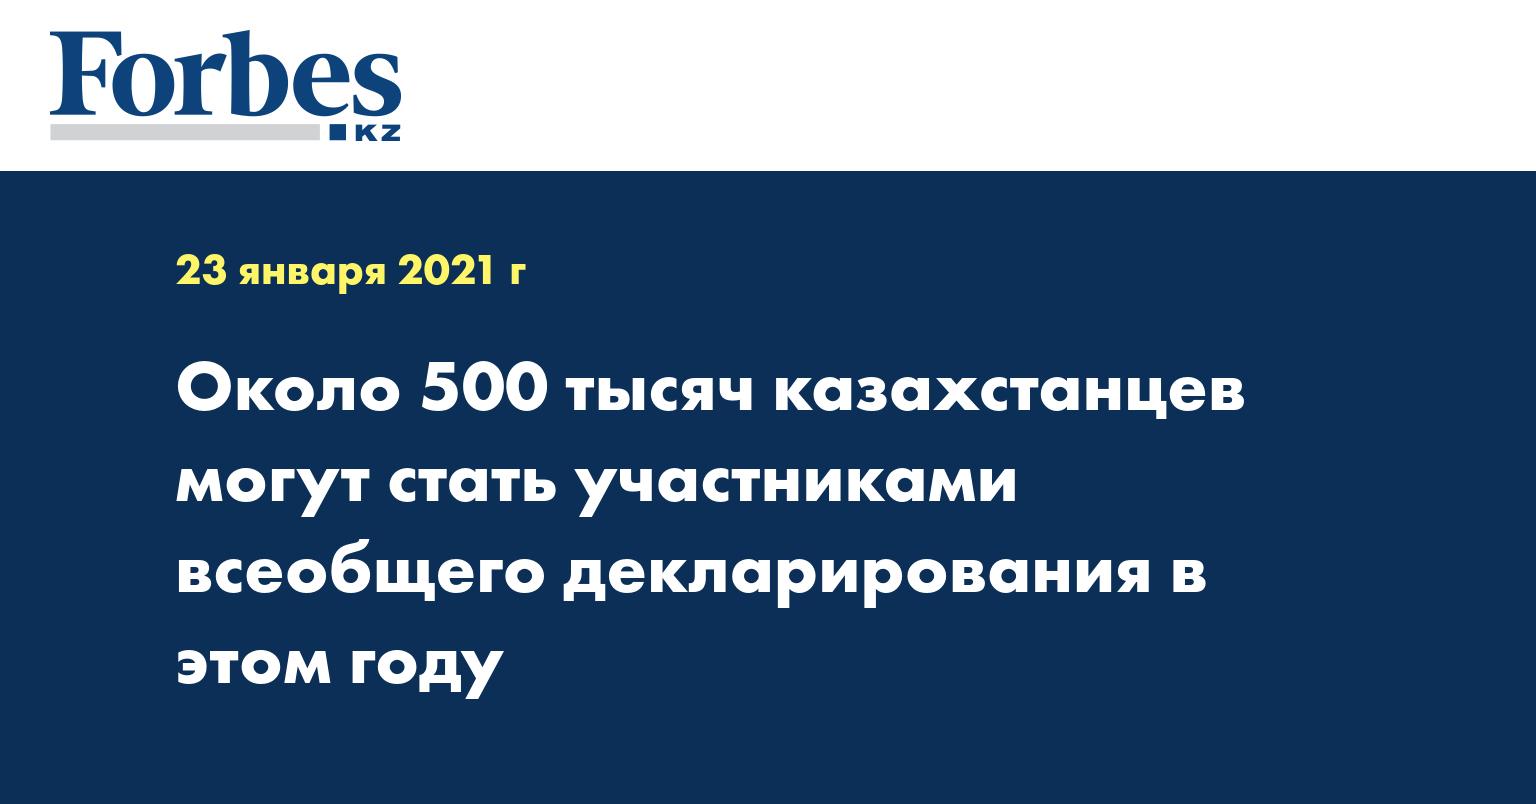 Около 500 тысяч казахстанцев могут стать участниками всеобщего декларирования в этом году